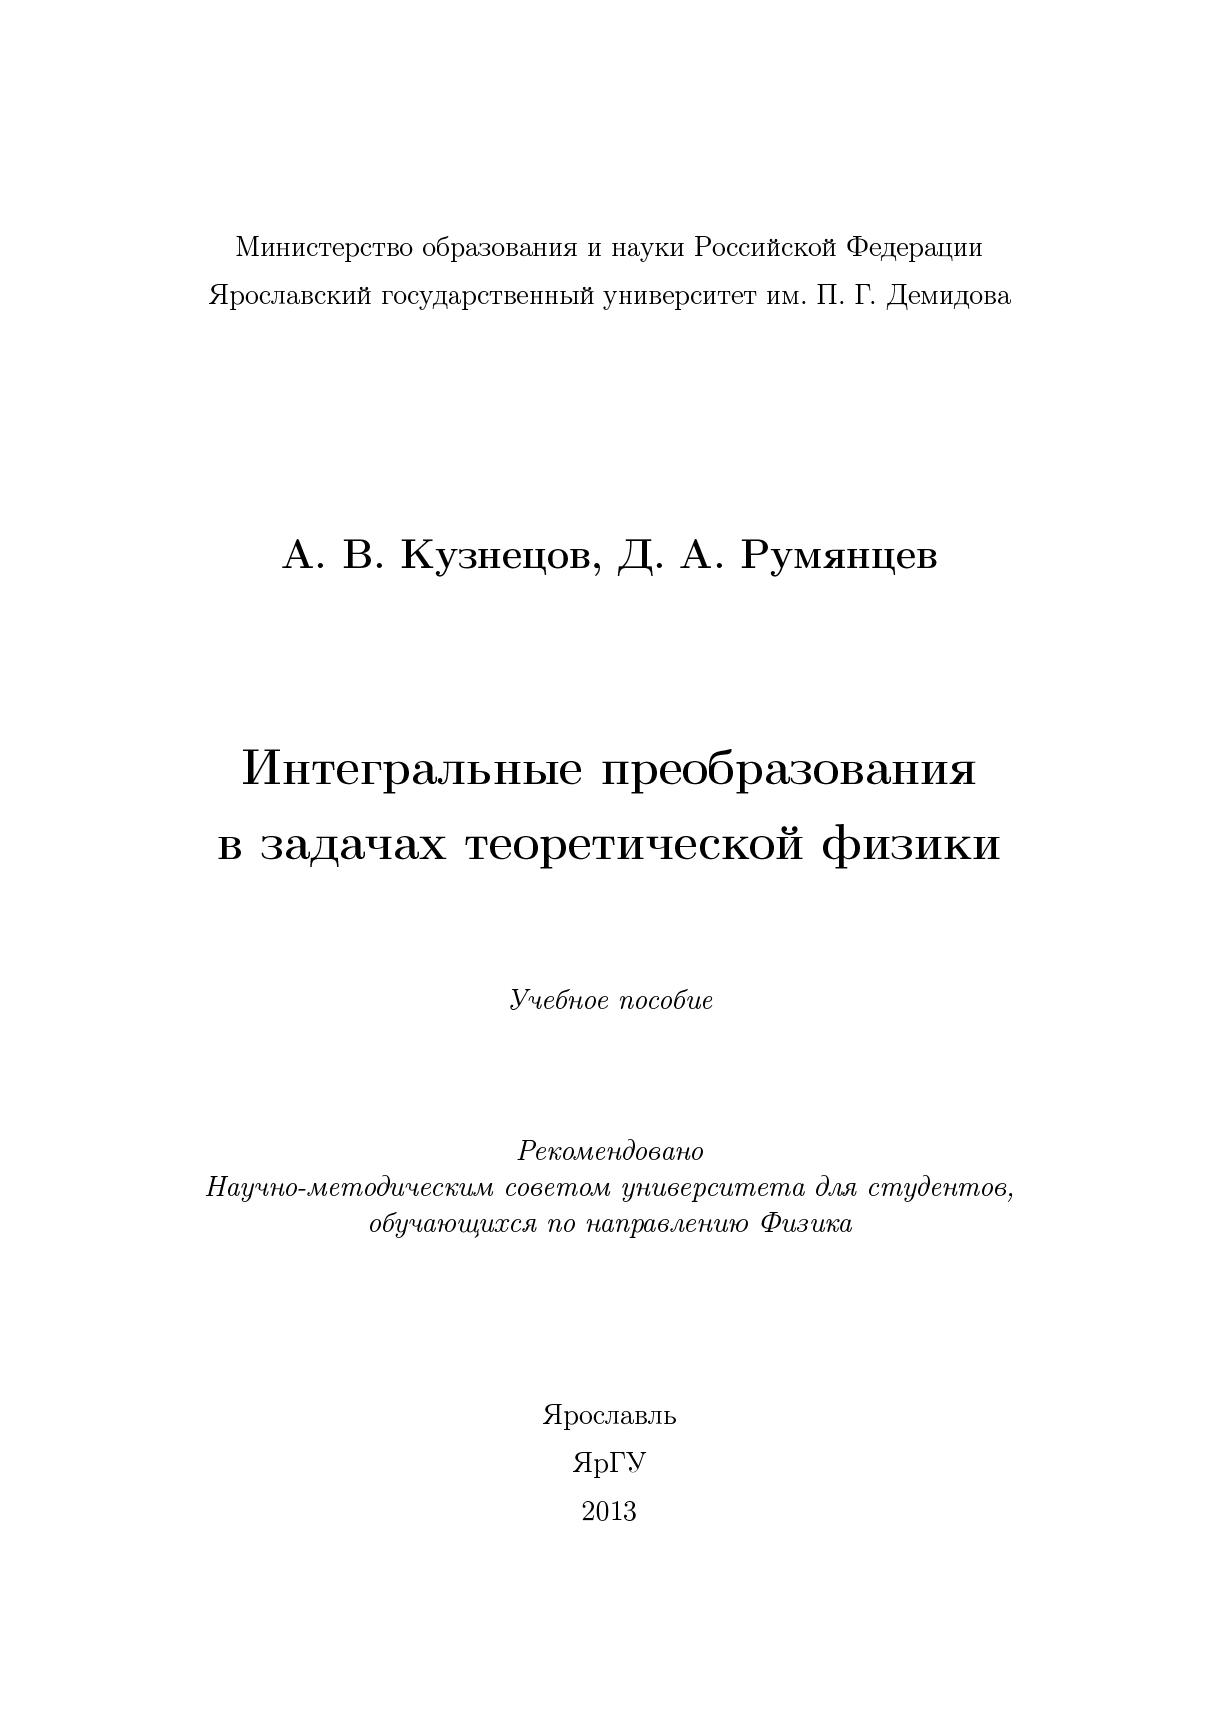 цена А. В. Кузнецов Интегральные преобразования в задачах теоретической физики